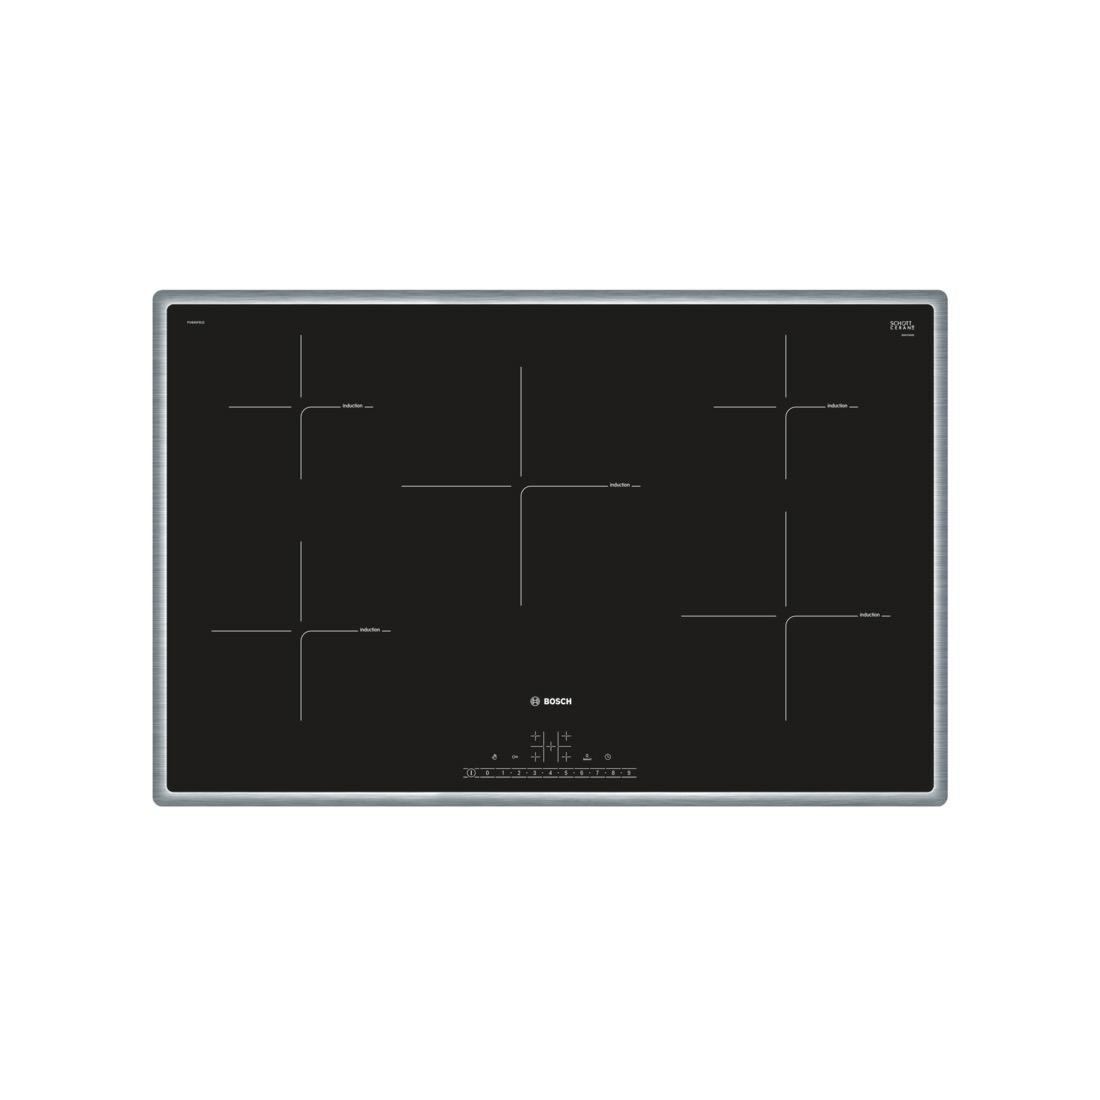 kookplaat inductiekookplaat Bosch PIV845FB1E kookplaat inductiekookplaat